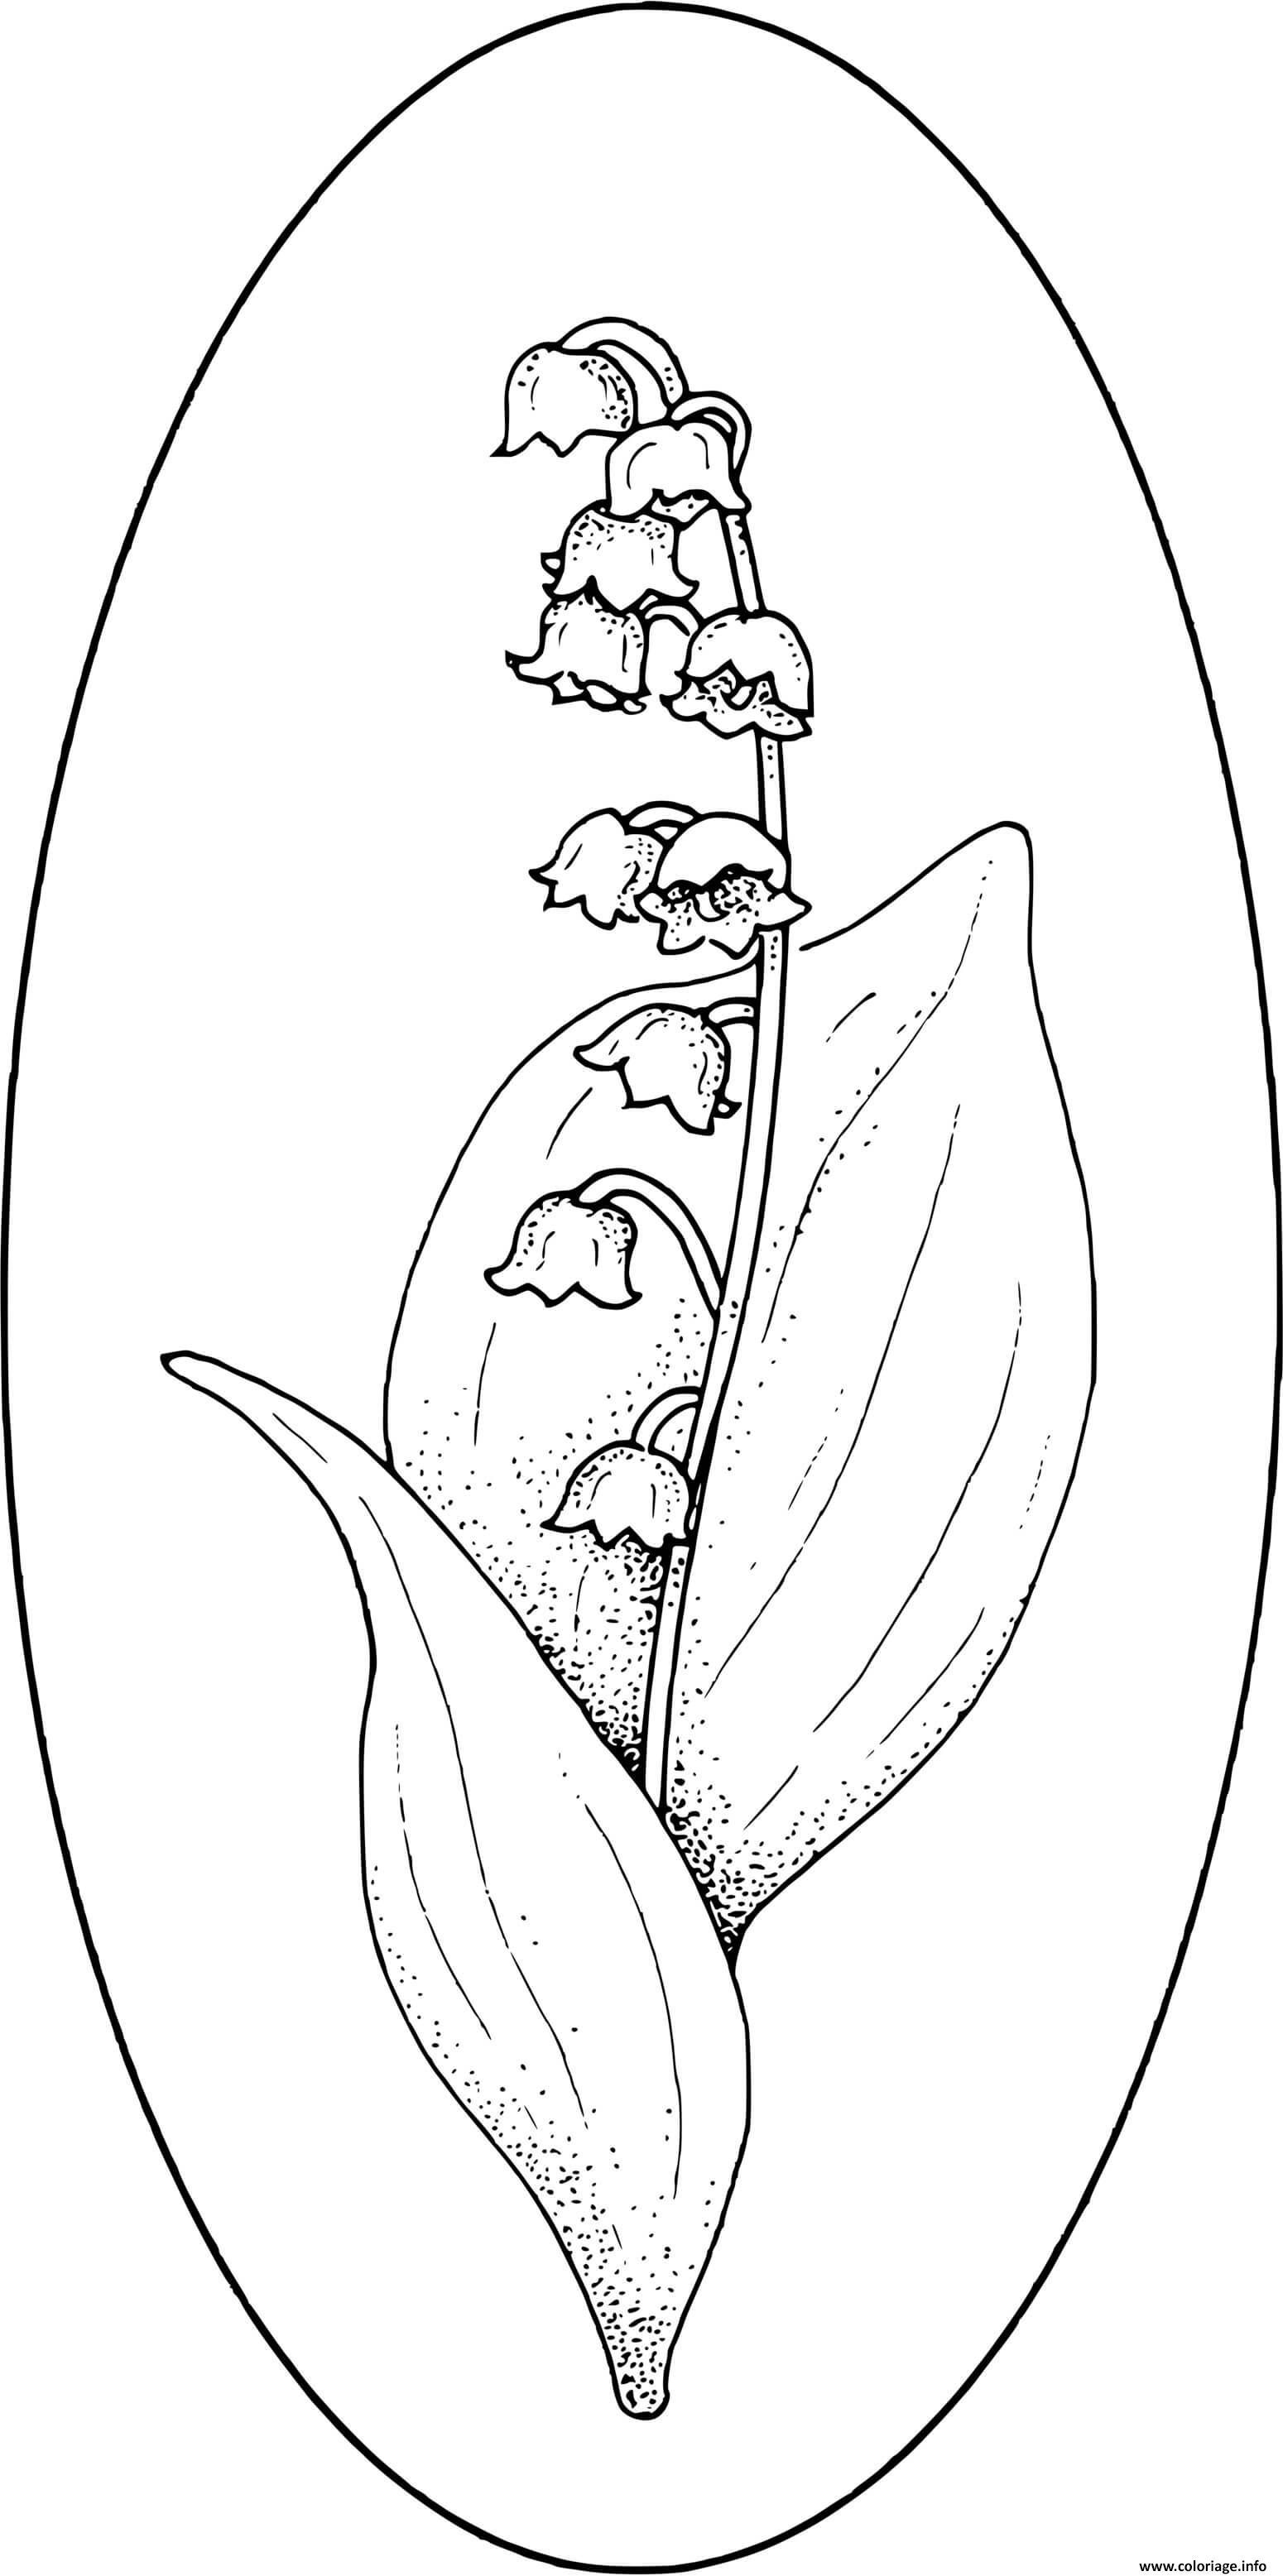 Dessin muguet de main fleur 1er mai Coloriage Gratuit à Imprimer